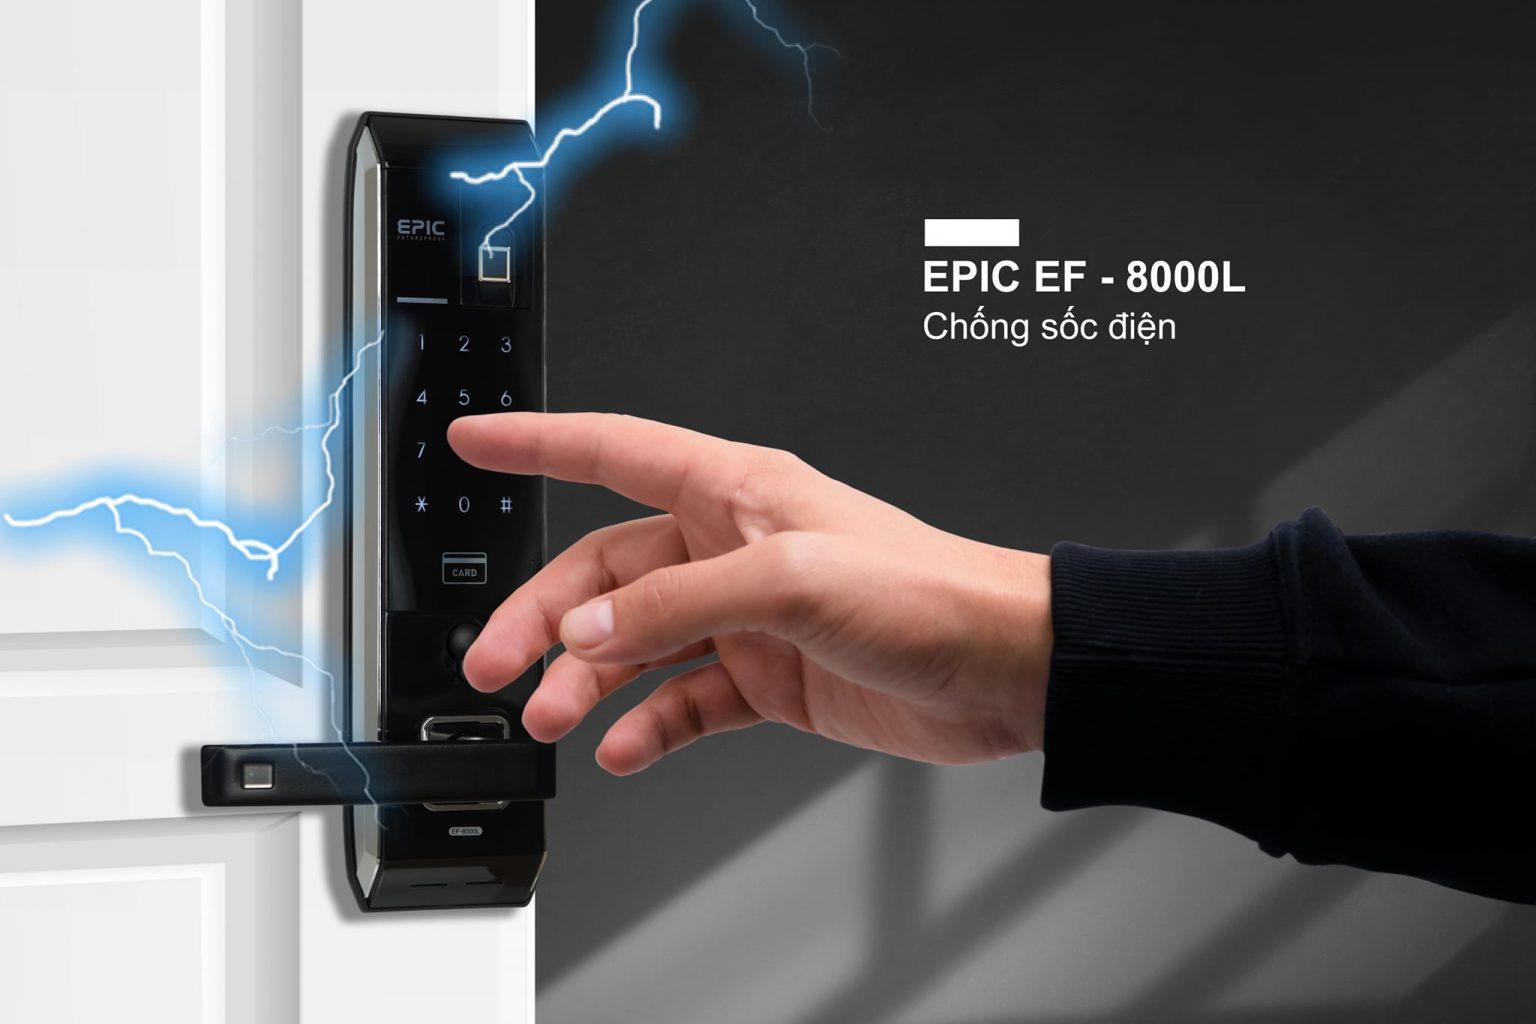 khóa vân tay điện tử Epic 8000L chống sốc điện